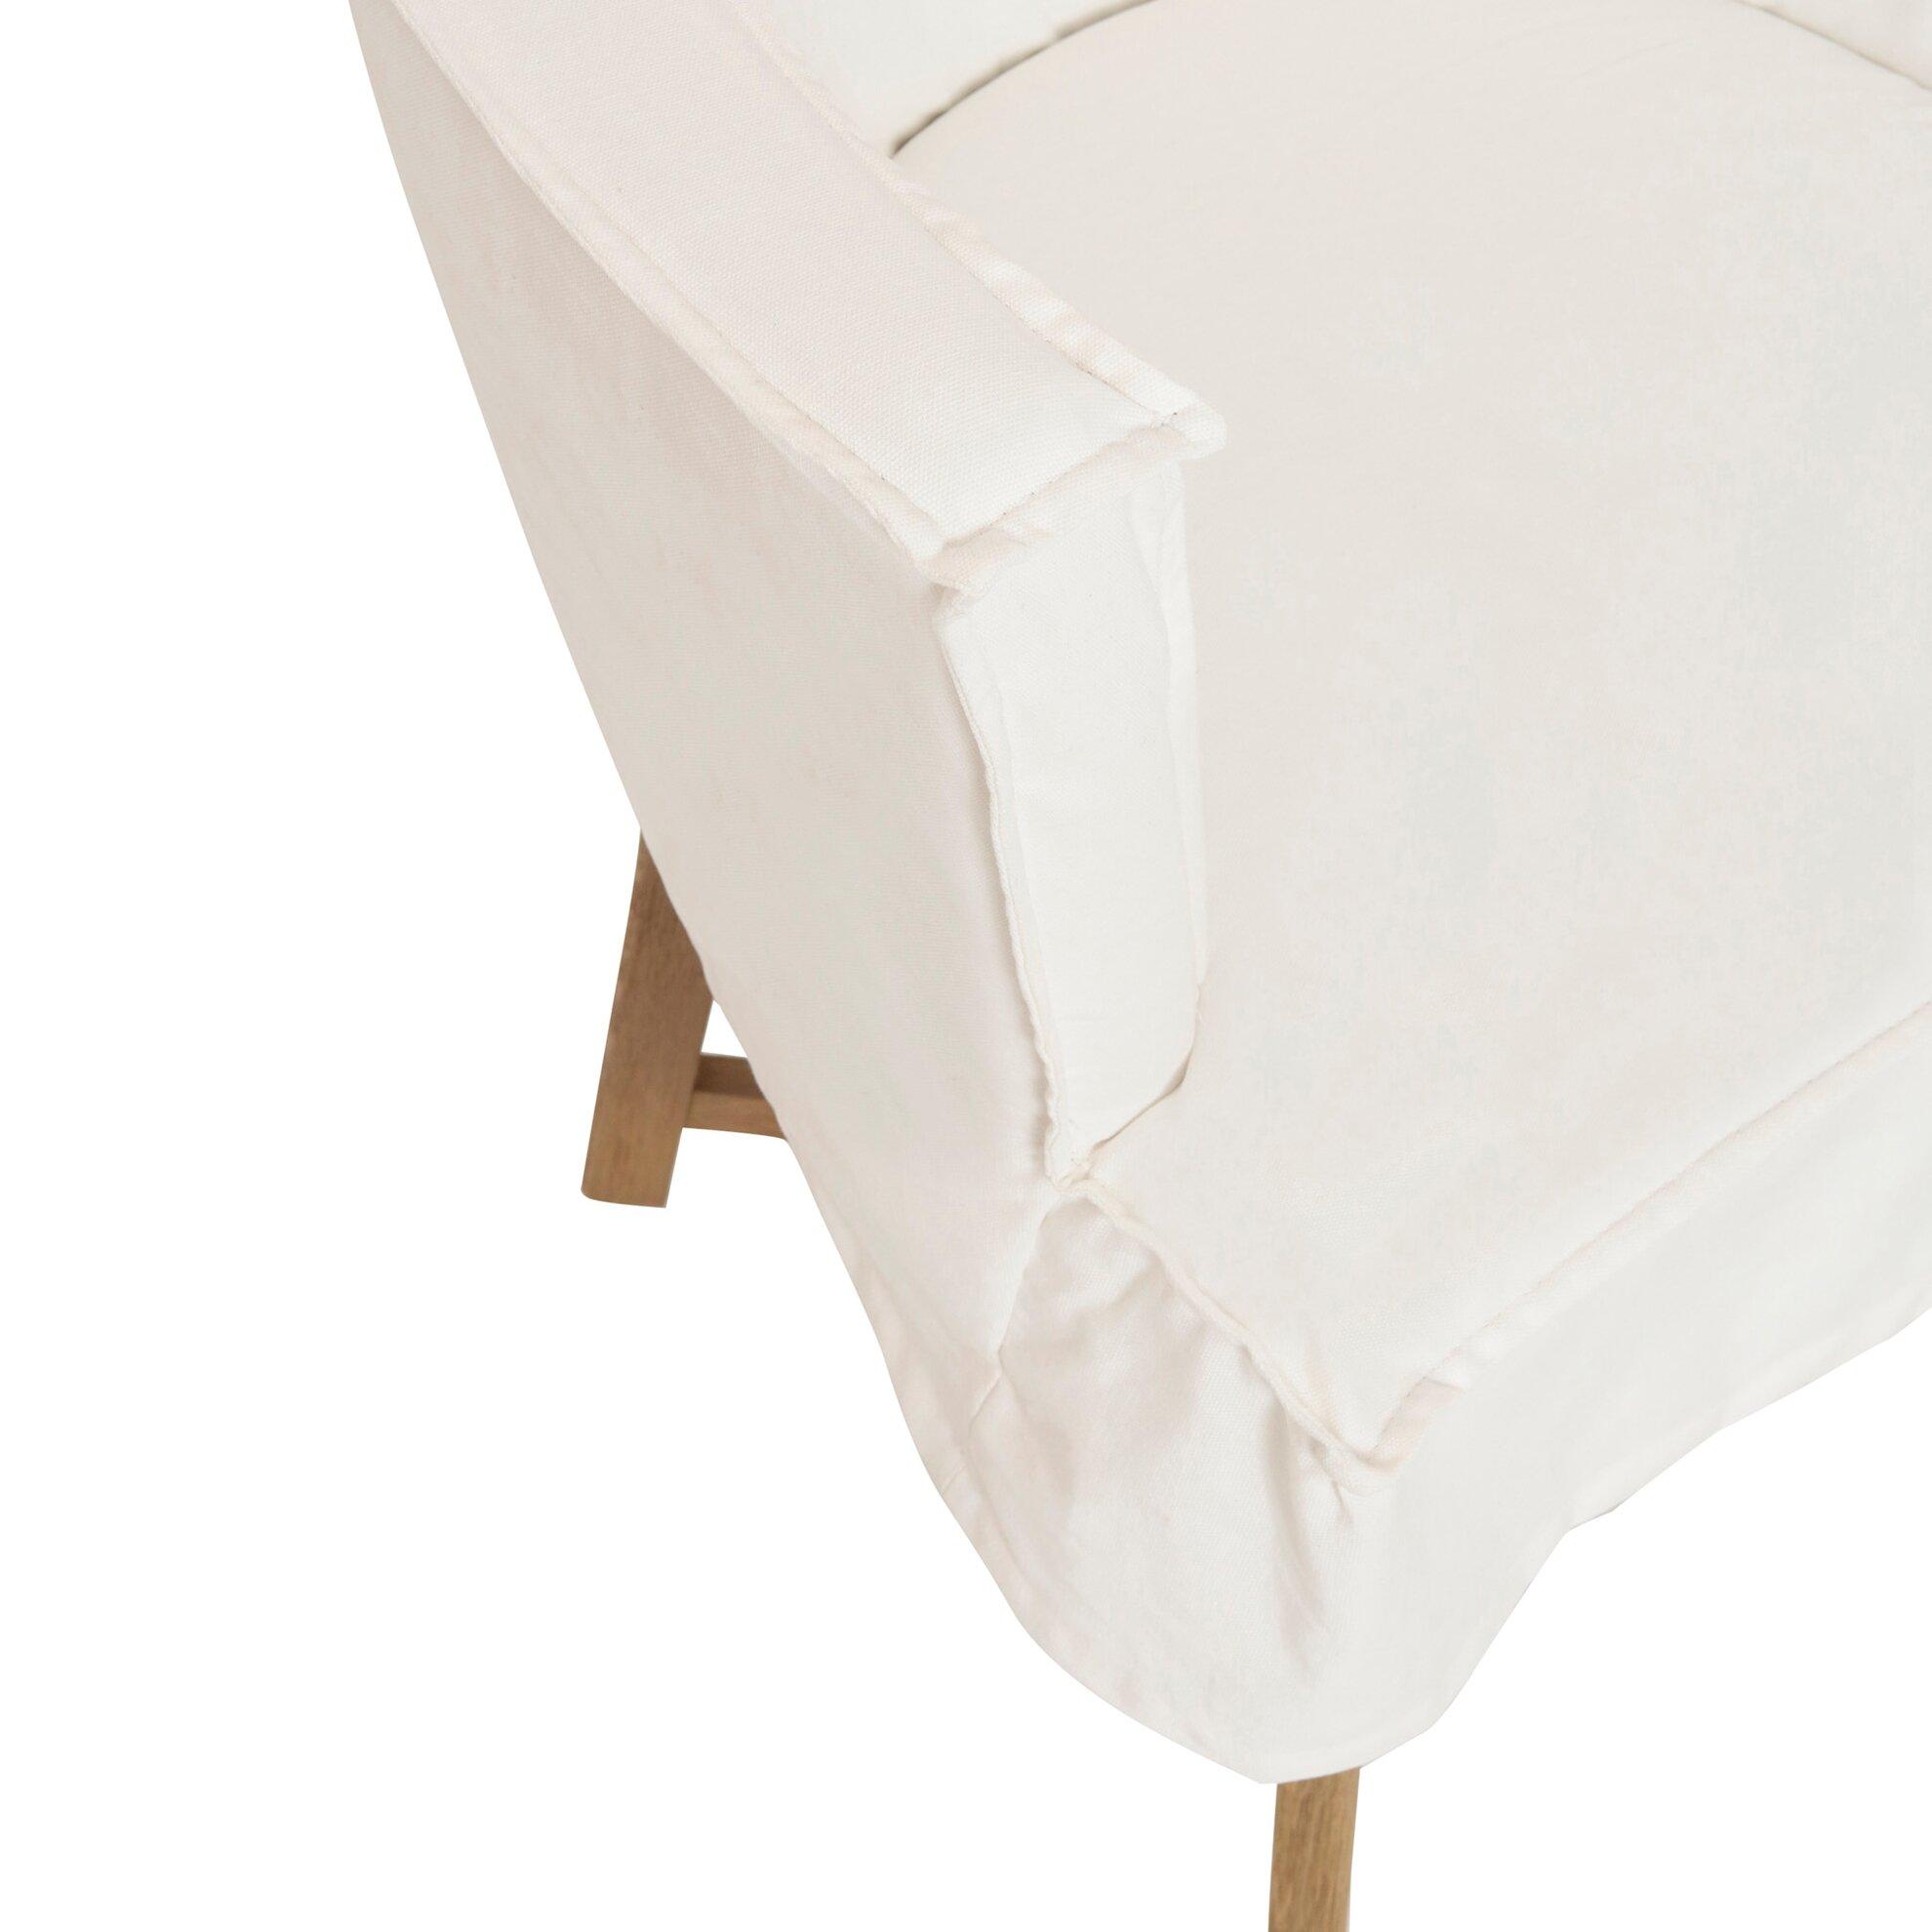 Tekli Koltuk (54x57x74cm)